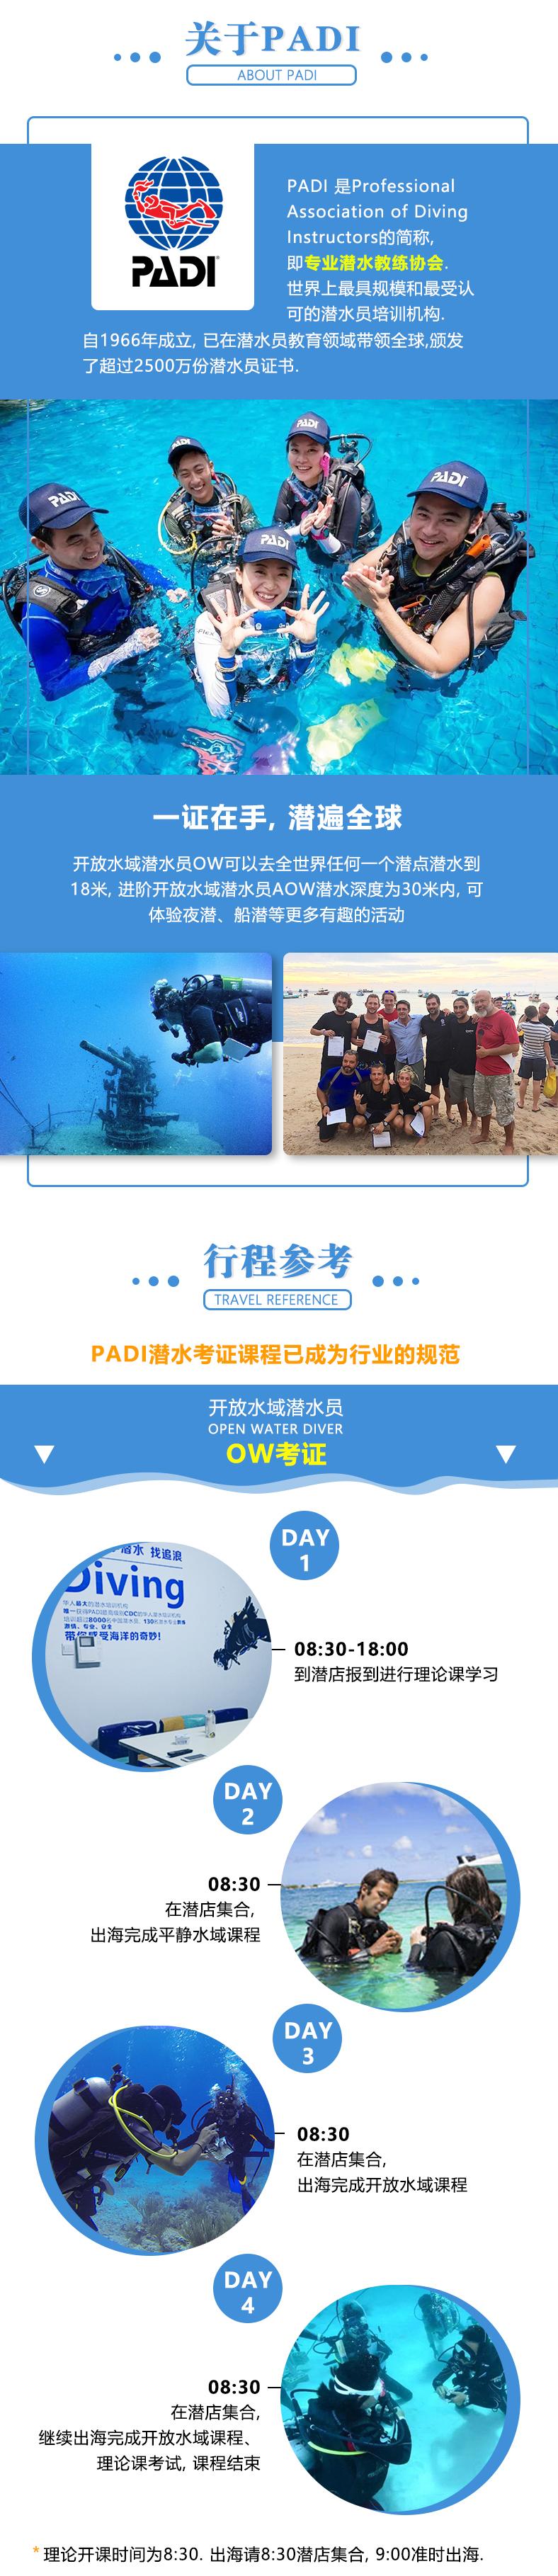 菲律宾宿务 追浪潜水中心 PADI OW/AOW考证考牌教学课程潜水证